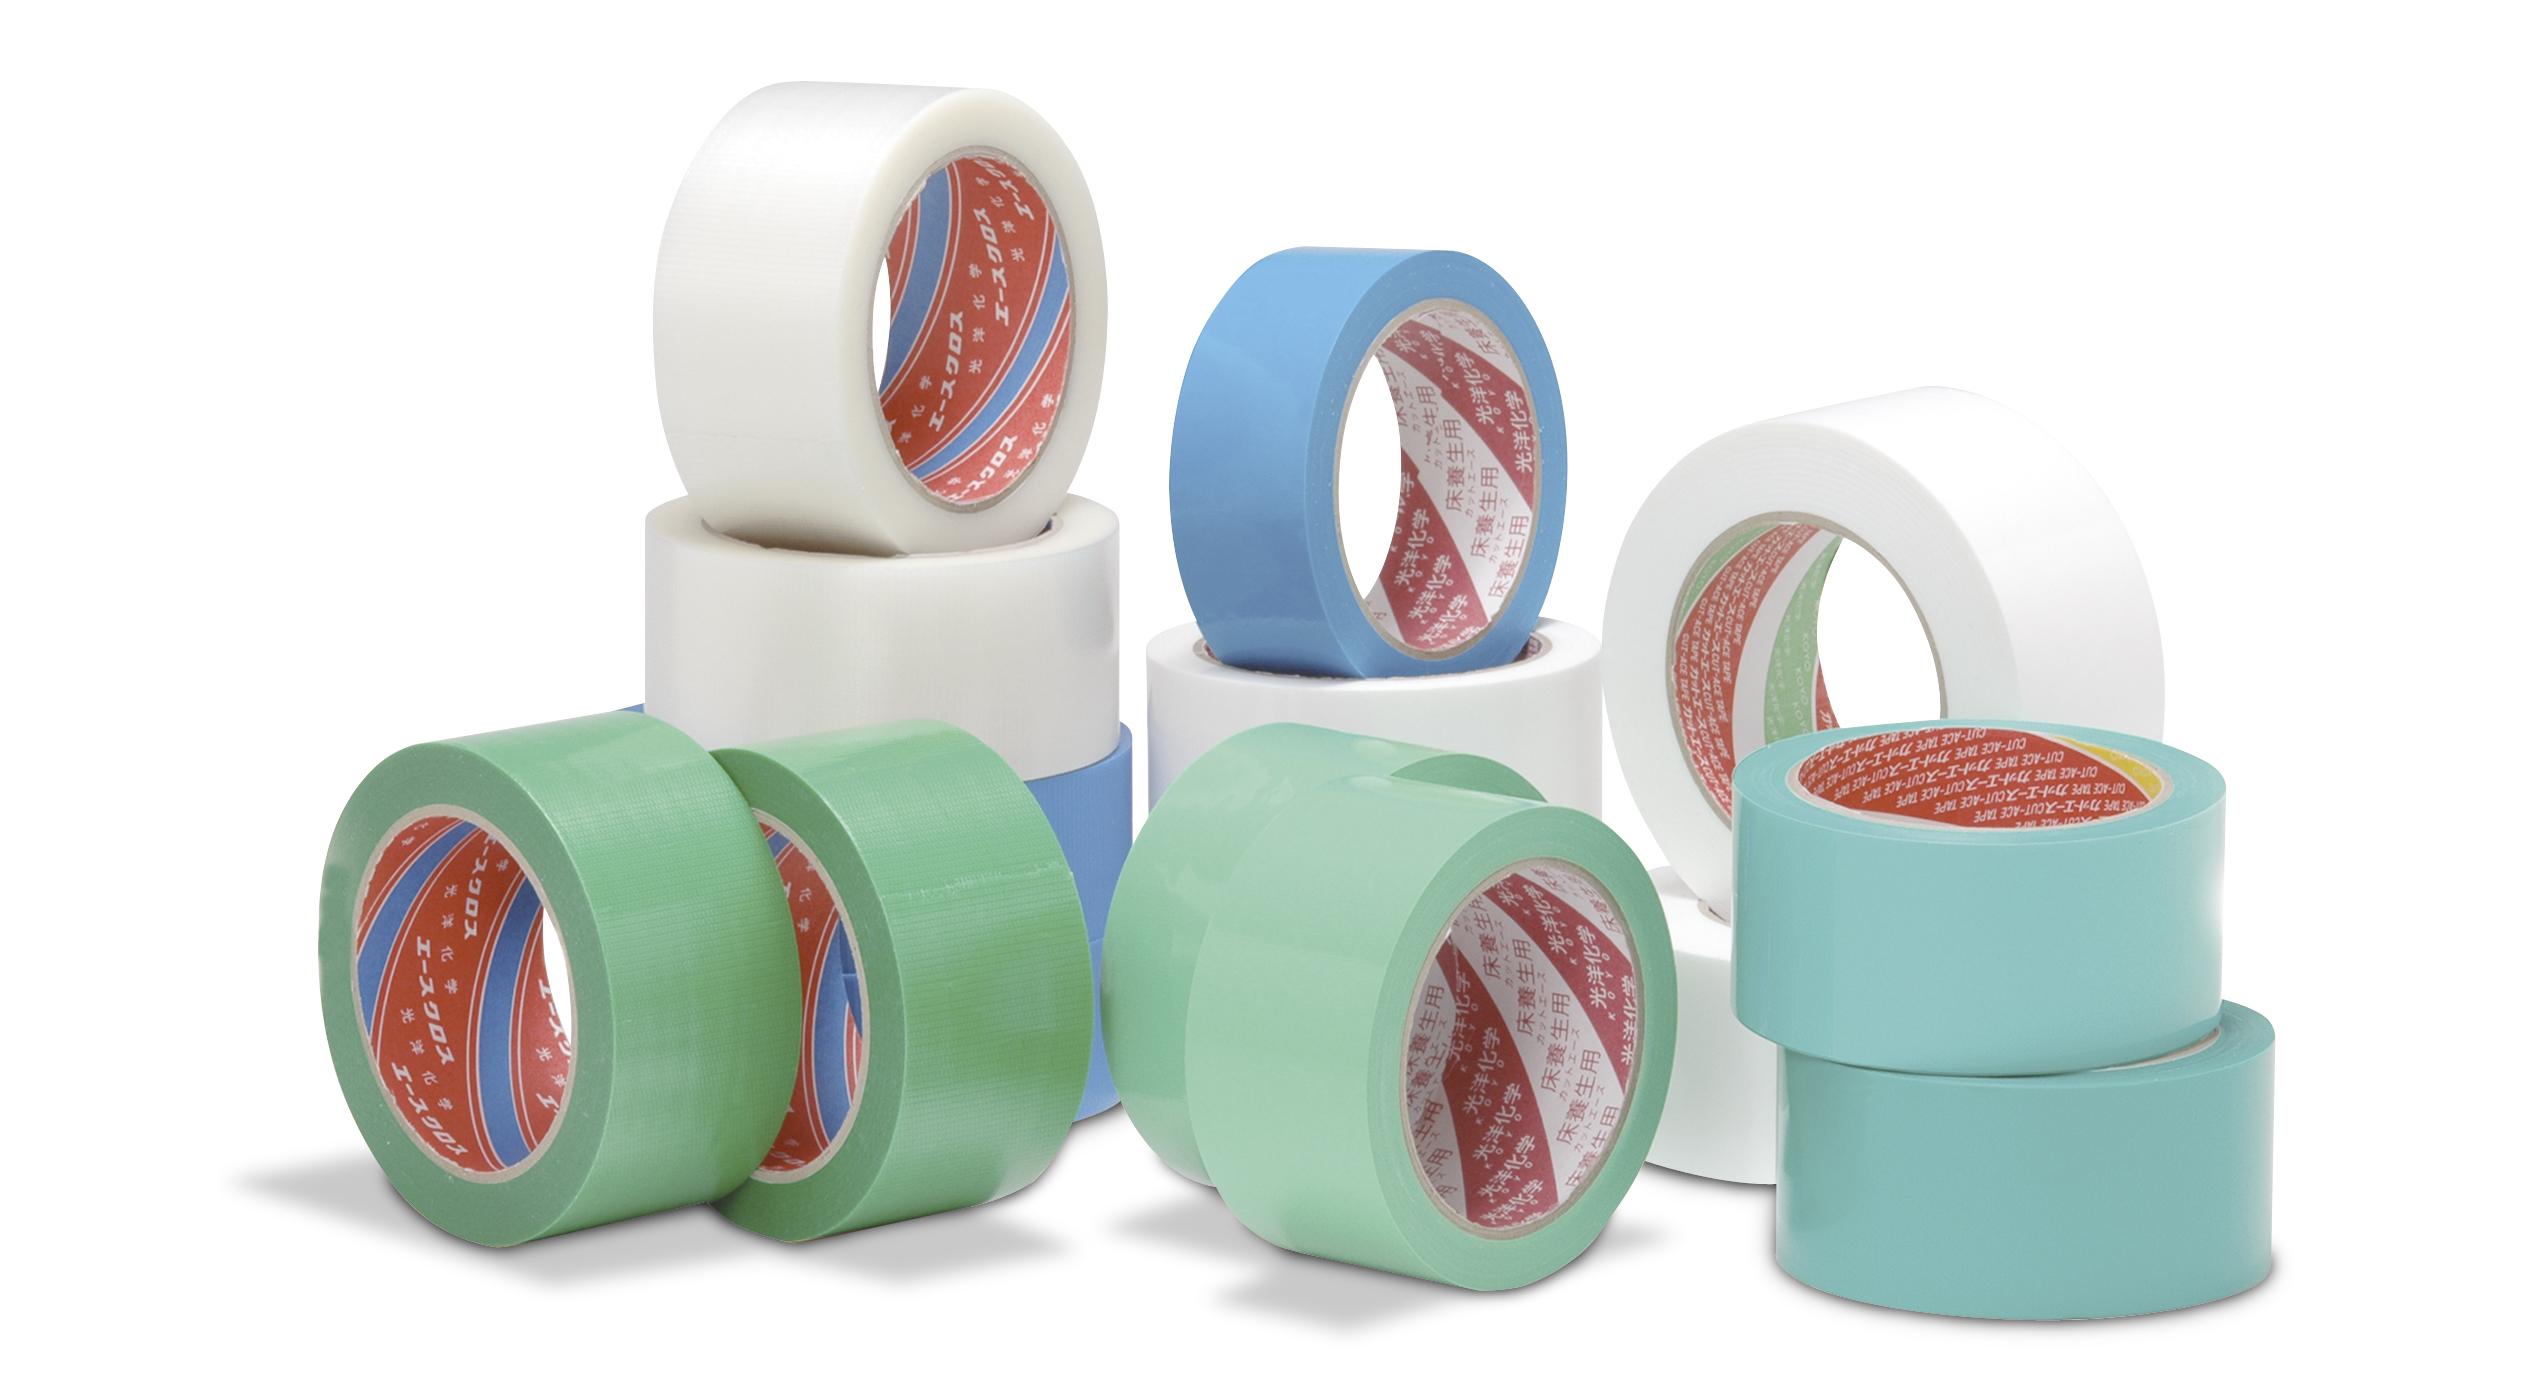 養生テープ類